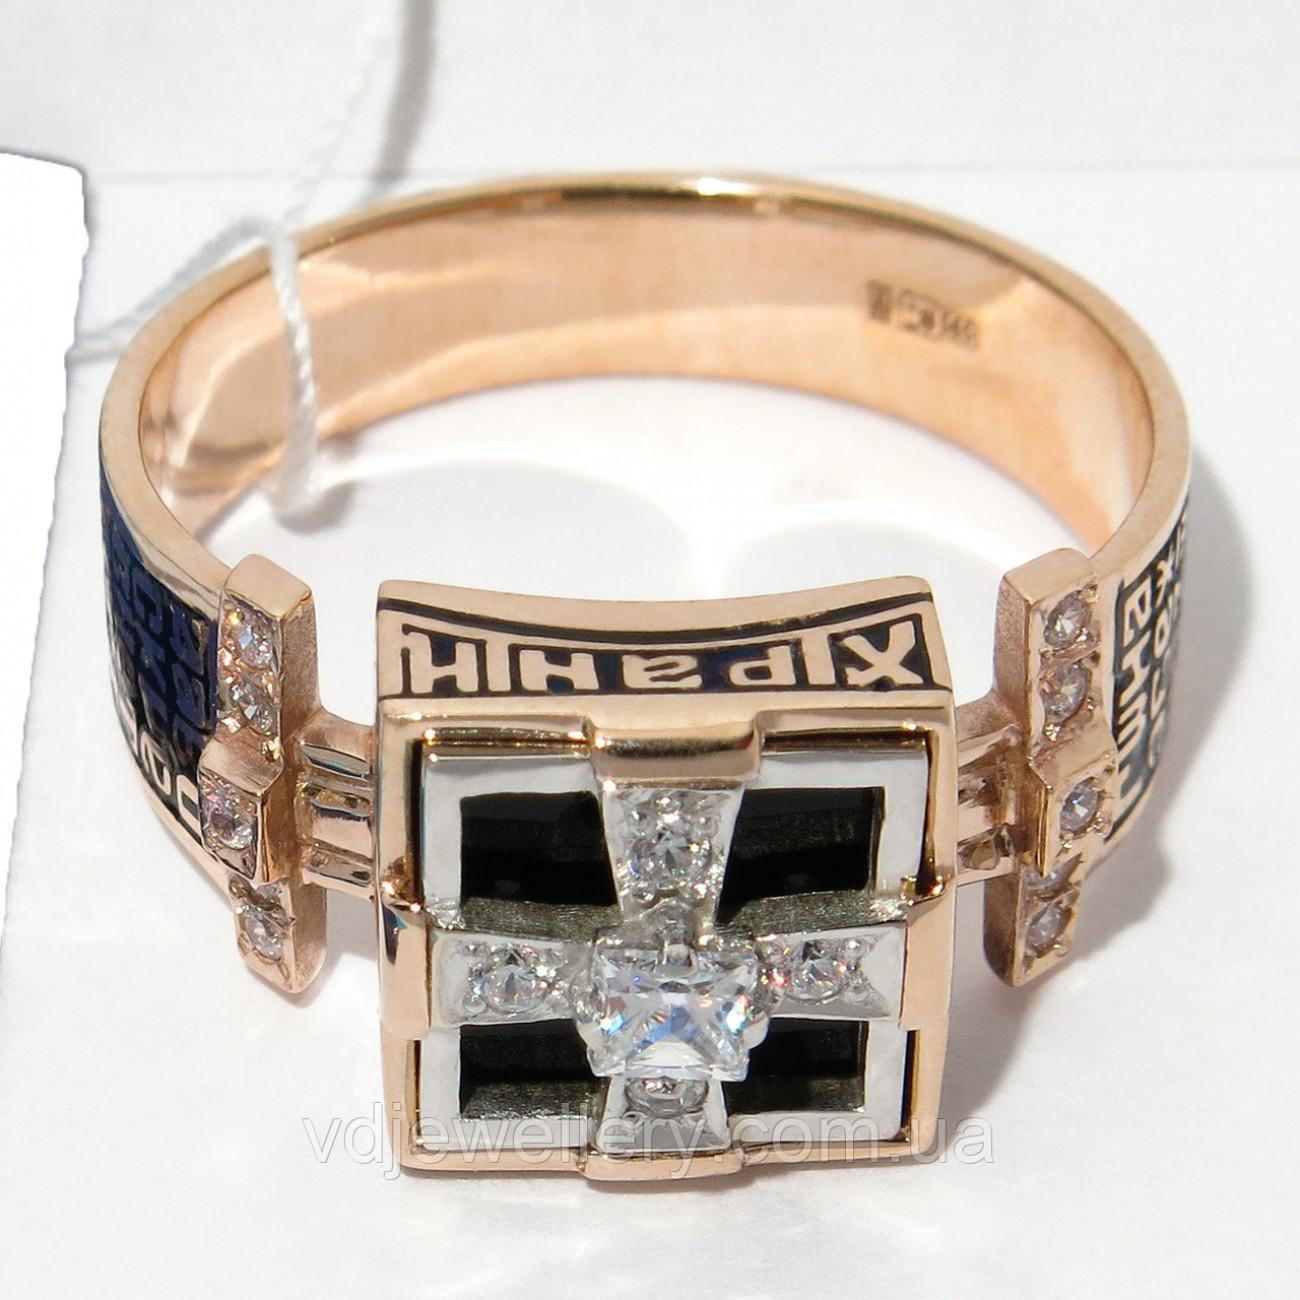 Мужское золотое кольцо КМХ-45